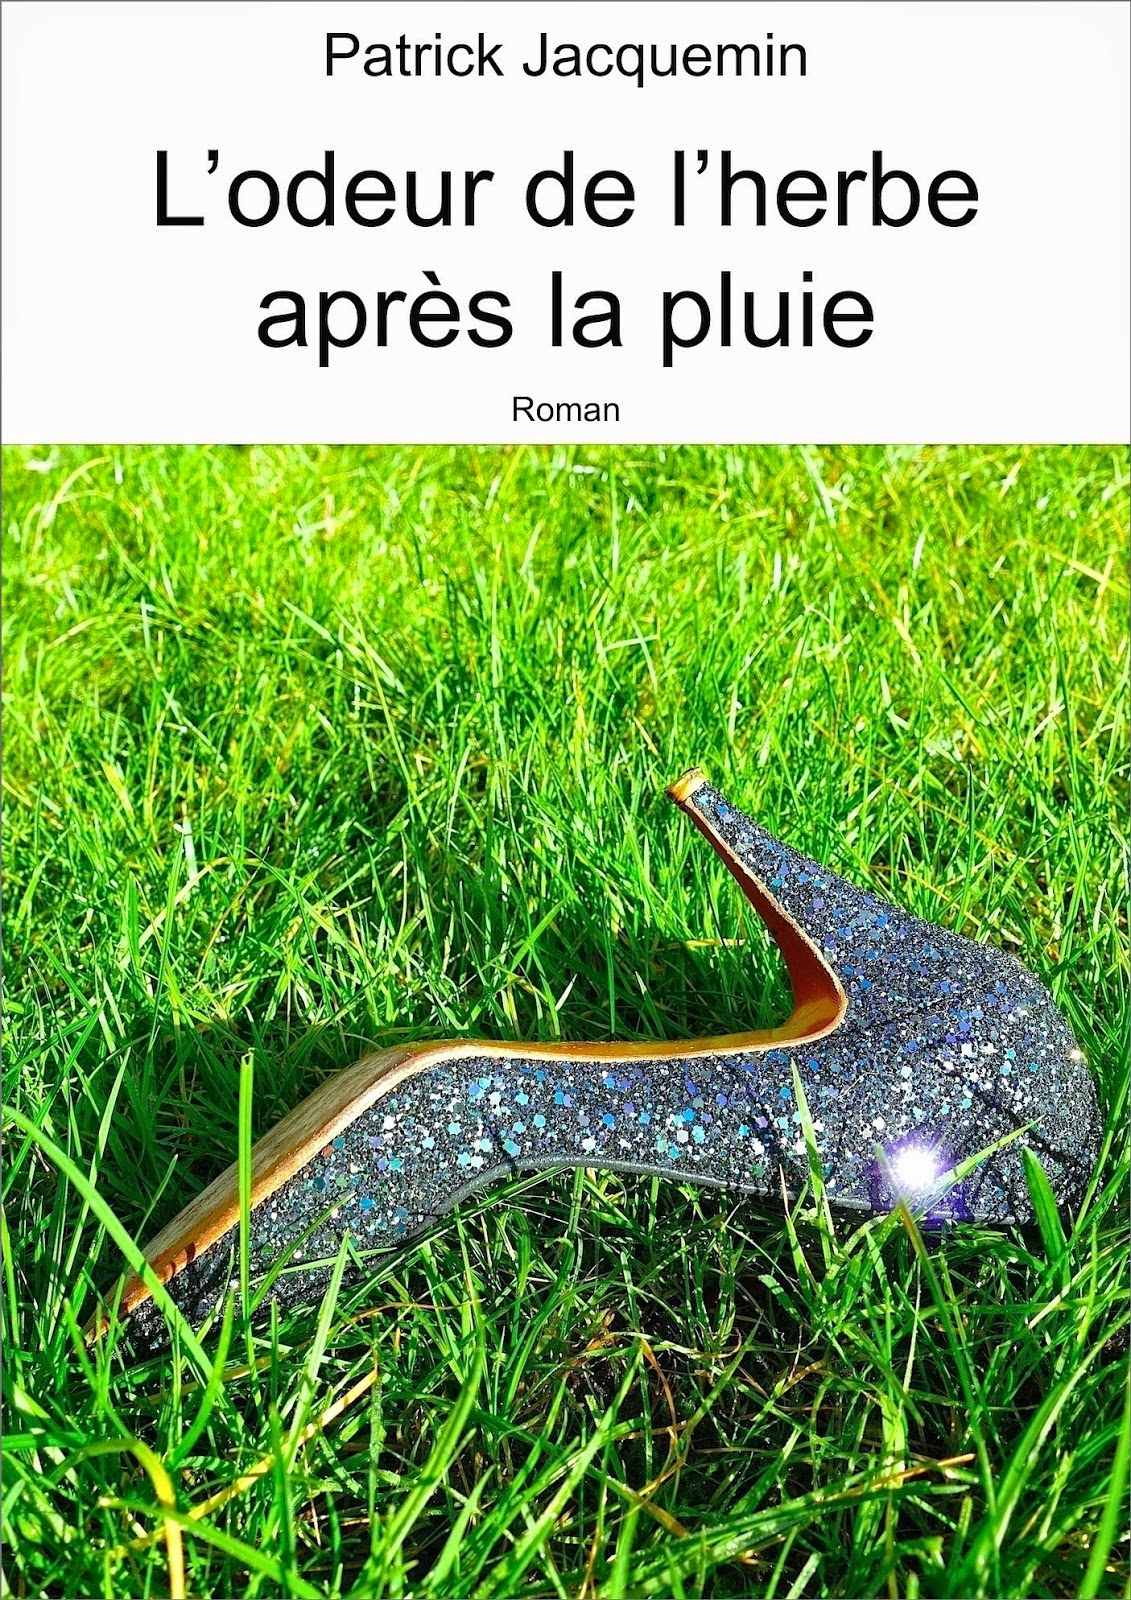 http://www.unbrindelecture.com/2015/03/lodeur-de-lherbe-apres-la-pluie-de.html